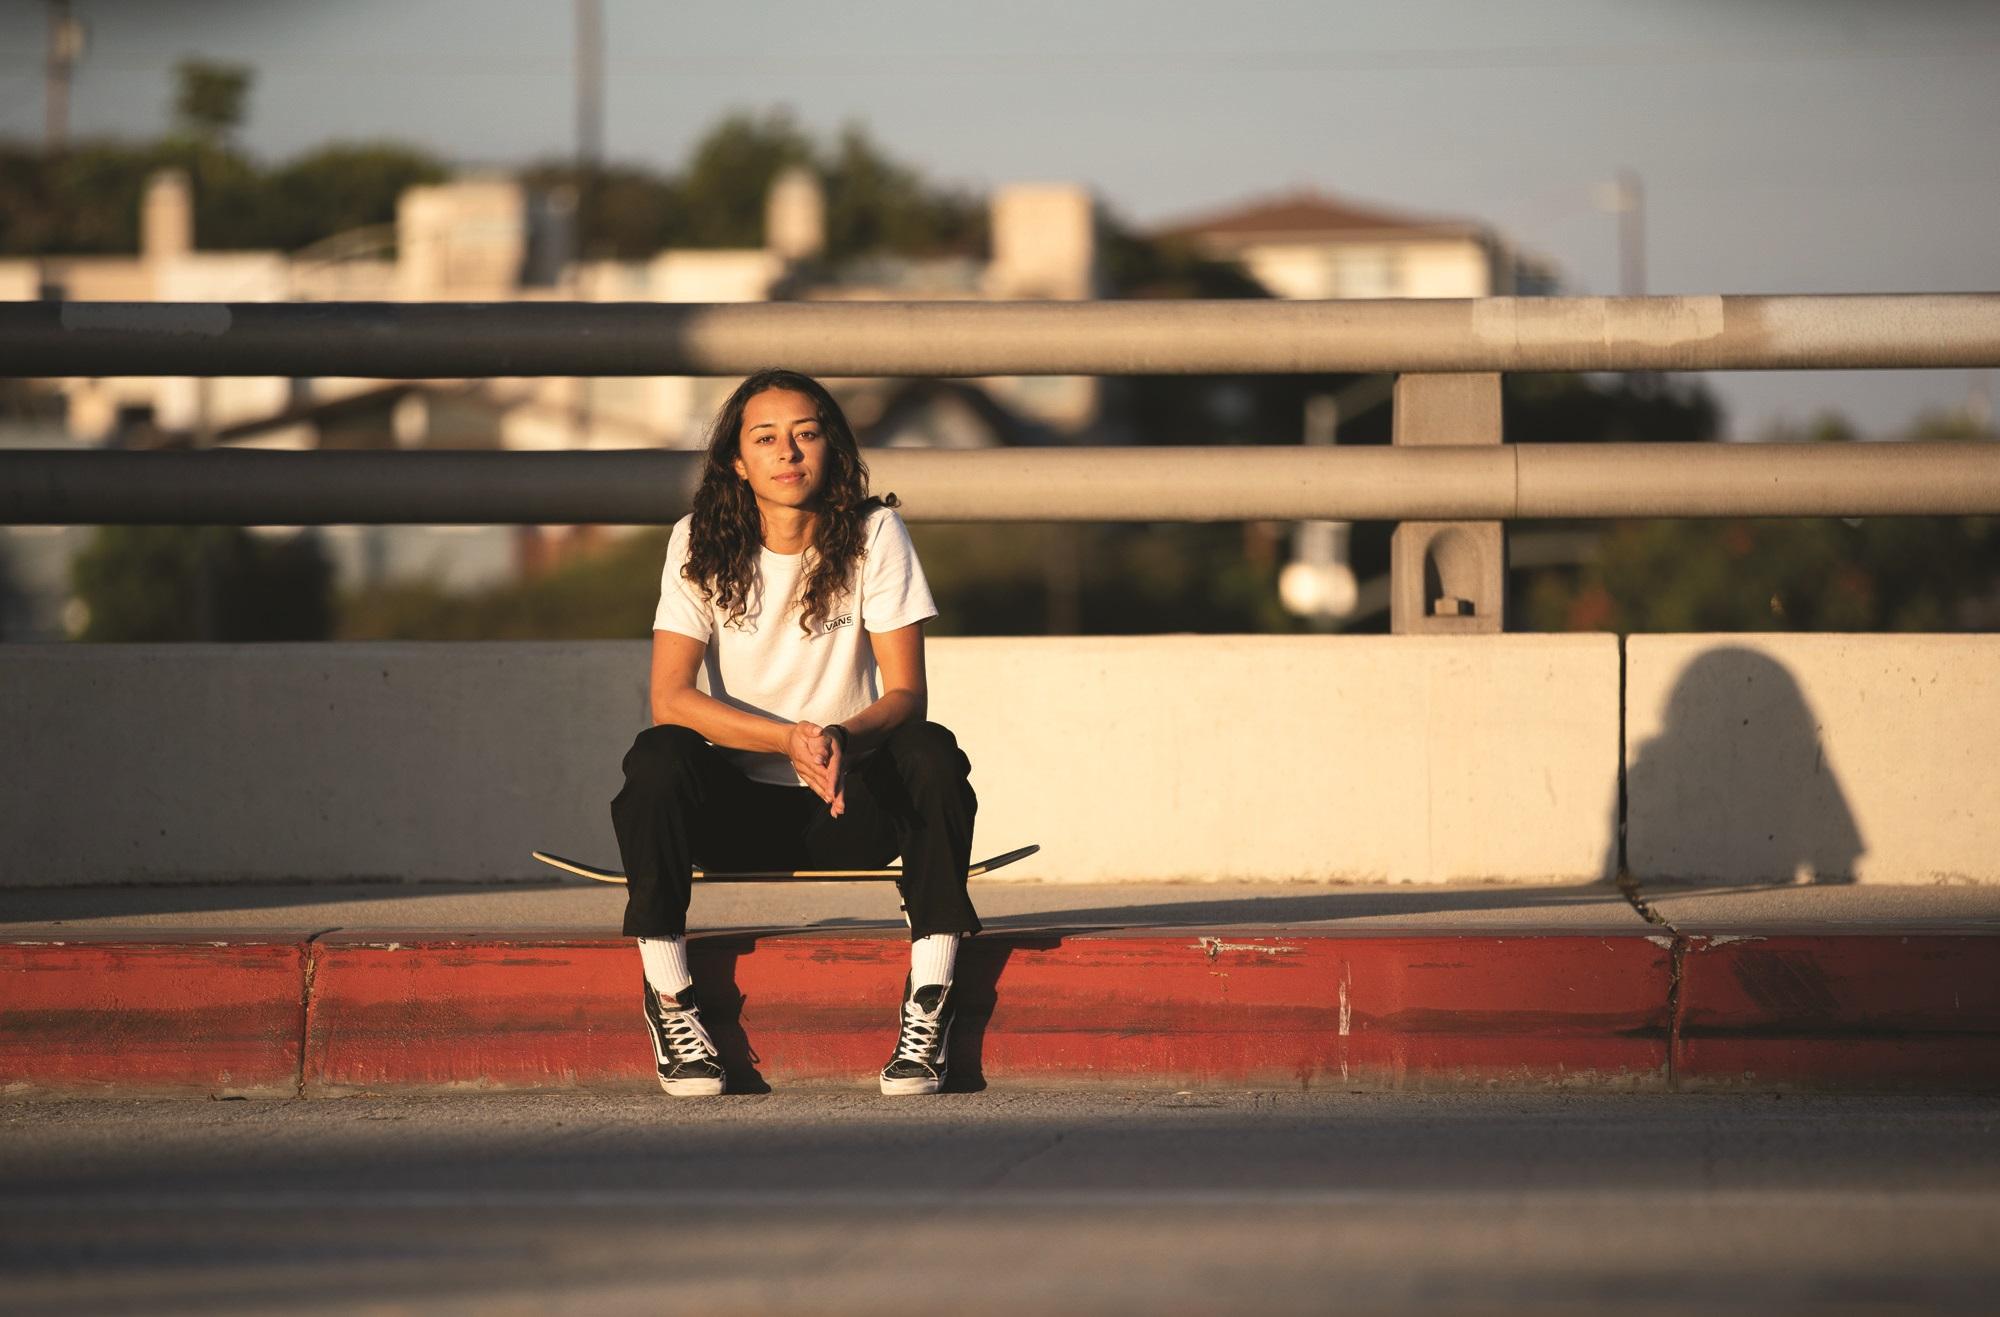 Lizzie Armanto istuu skeittilautansa päällä